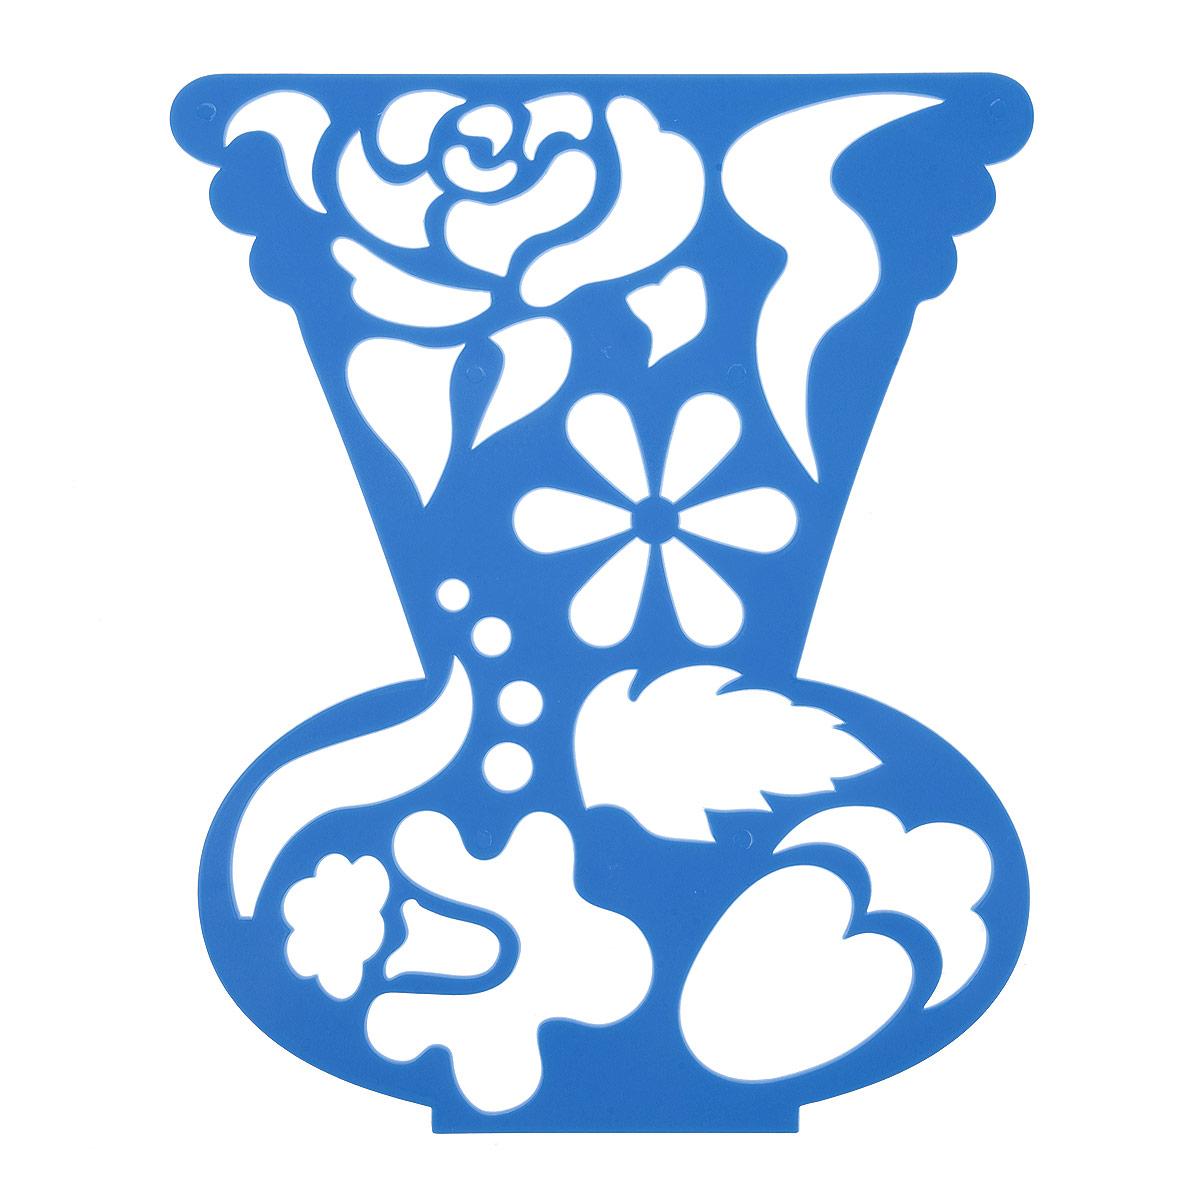 Луч Трафарет фигурный Ваза с цветами цвет синий17С 1147-08Трафарет фигурный Луч Ваза с цветами, выполненный из безопасного пластика, предназначен для детского творчества. При помощи этого трафарета ребенок может создать красивый букет цветов и поместить его в вазу. Трафарет можно использовать для рисования цветов и композиций из них, а также для изготовления аппликаций. Трафареты предназначены для развития у детей мелкой моторики и зрительно-двигательной координации, навыков художественной композиции и зрительного восприятия.